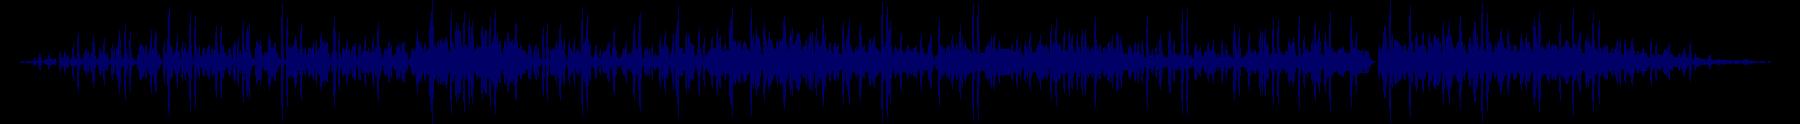 waveform of track #84641